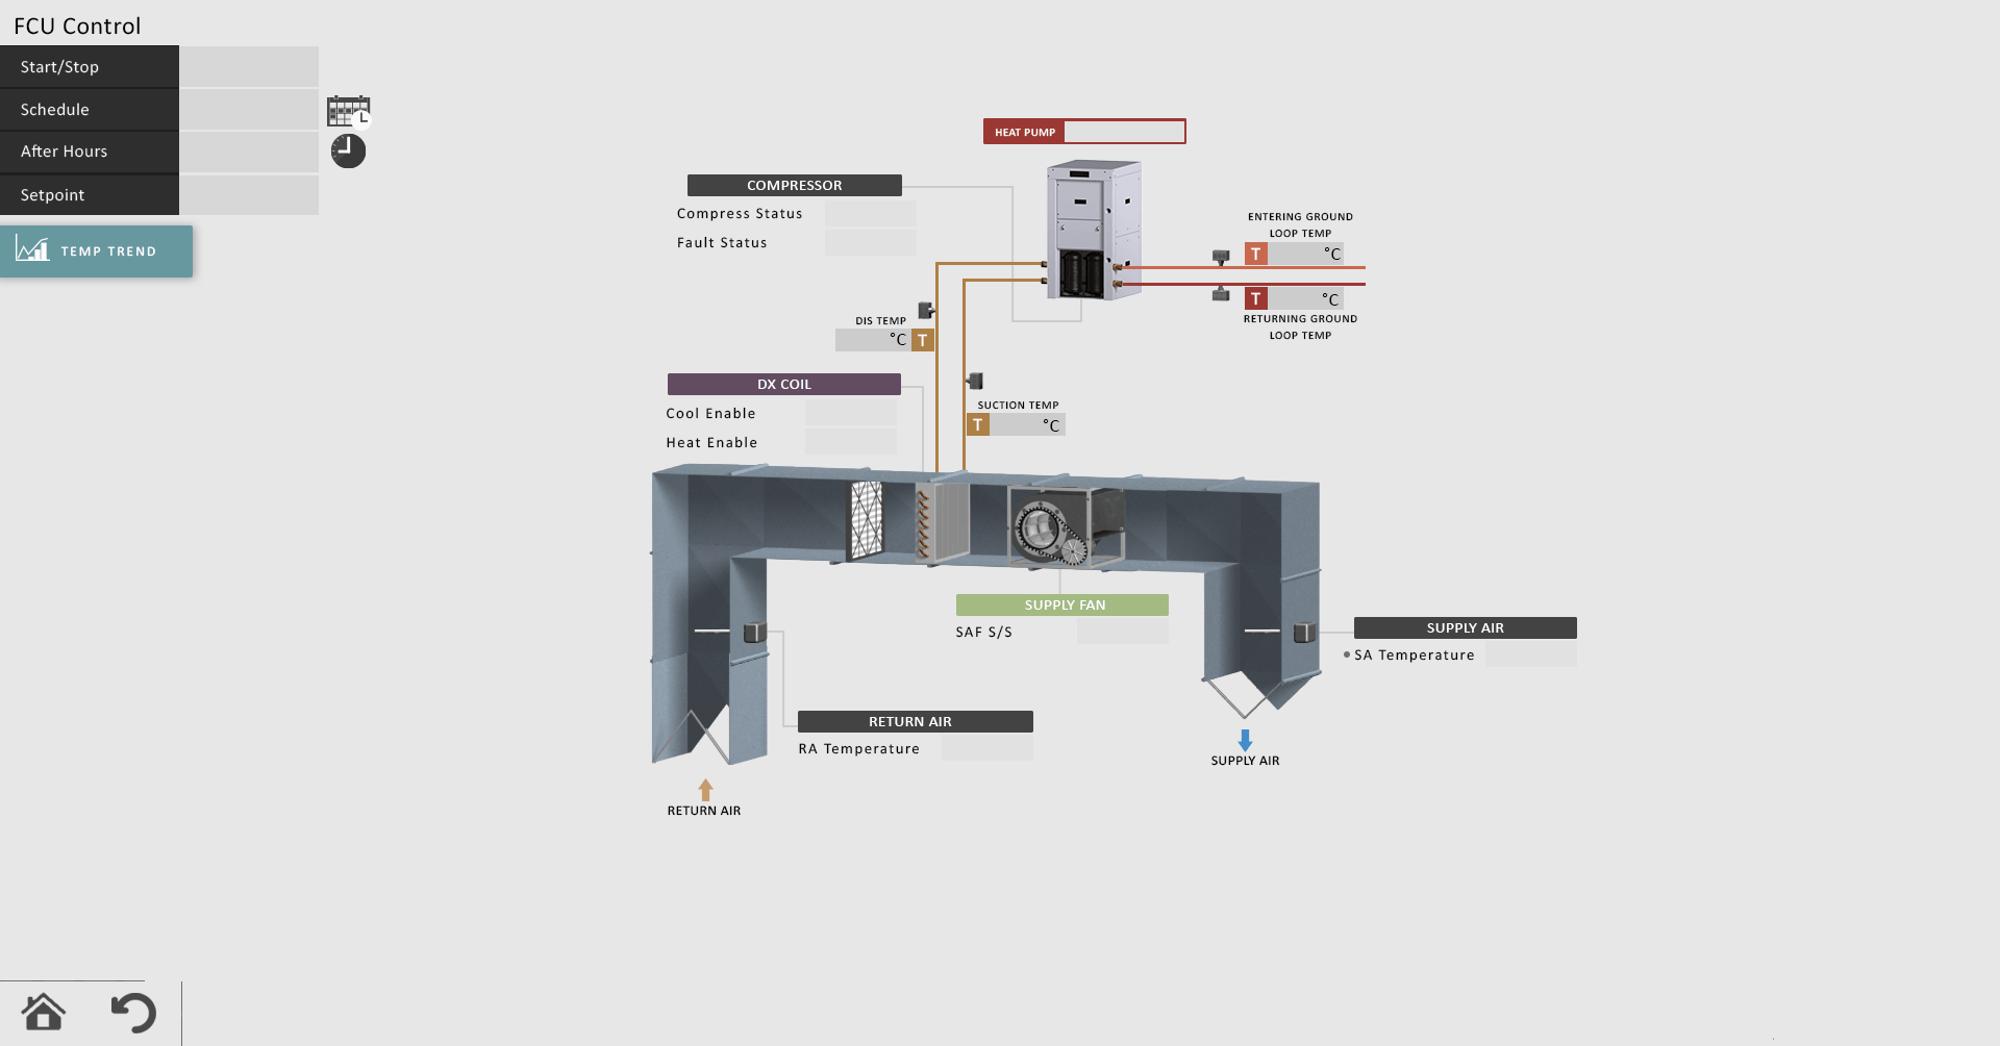 Visualisation Image 3 - FCU